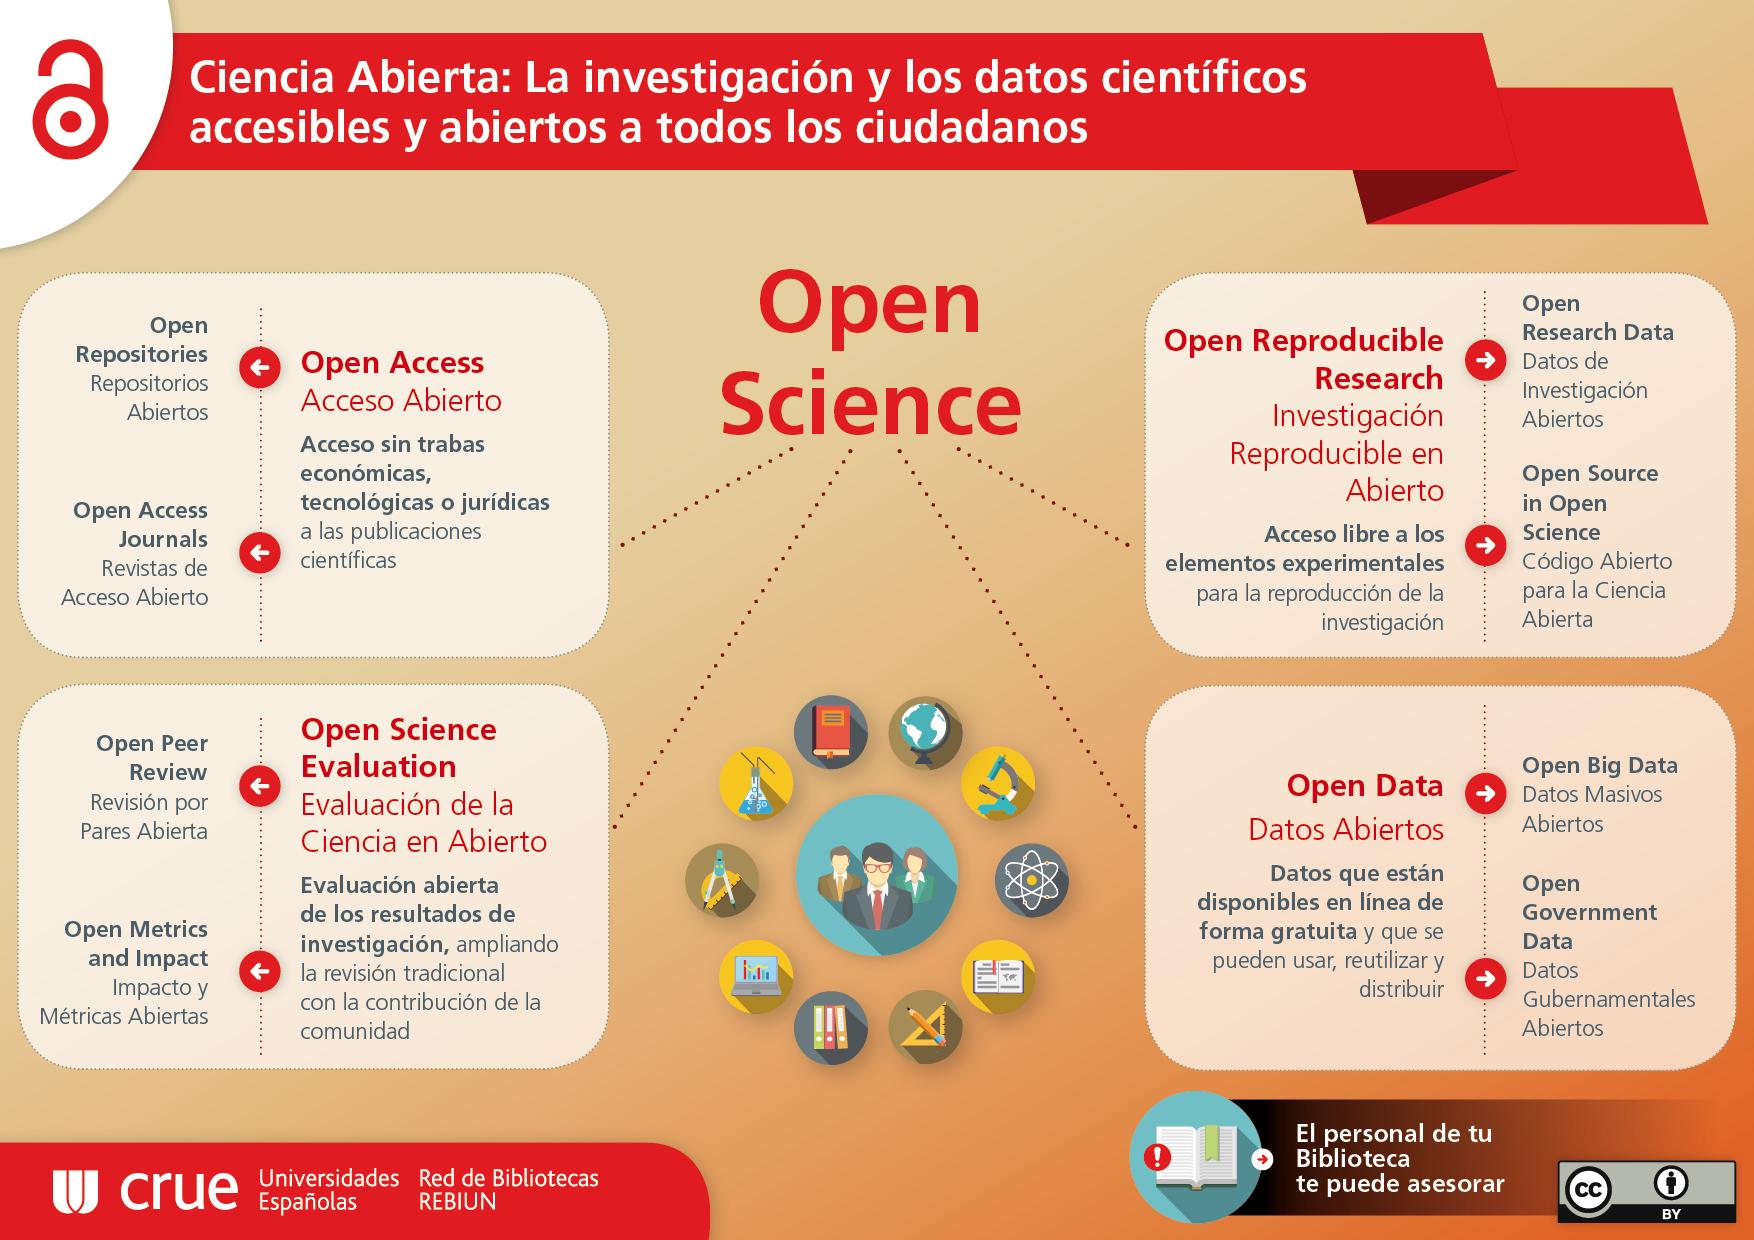 Ciencia Abierta: la investigación y los datos científicos accesibles y abiertos a todos los ciudadanos